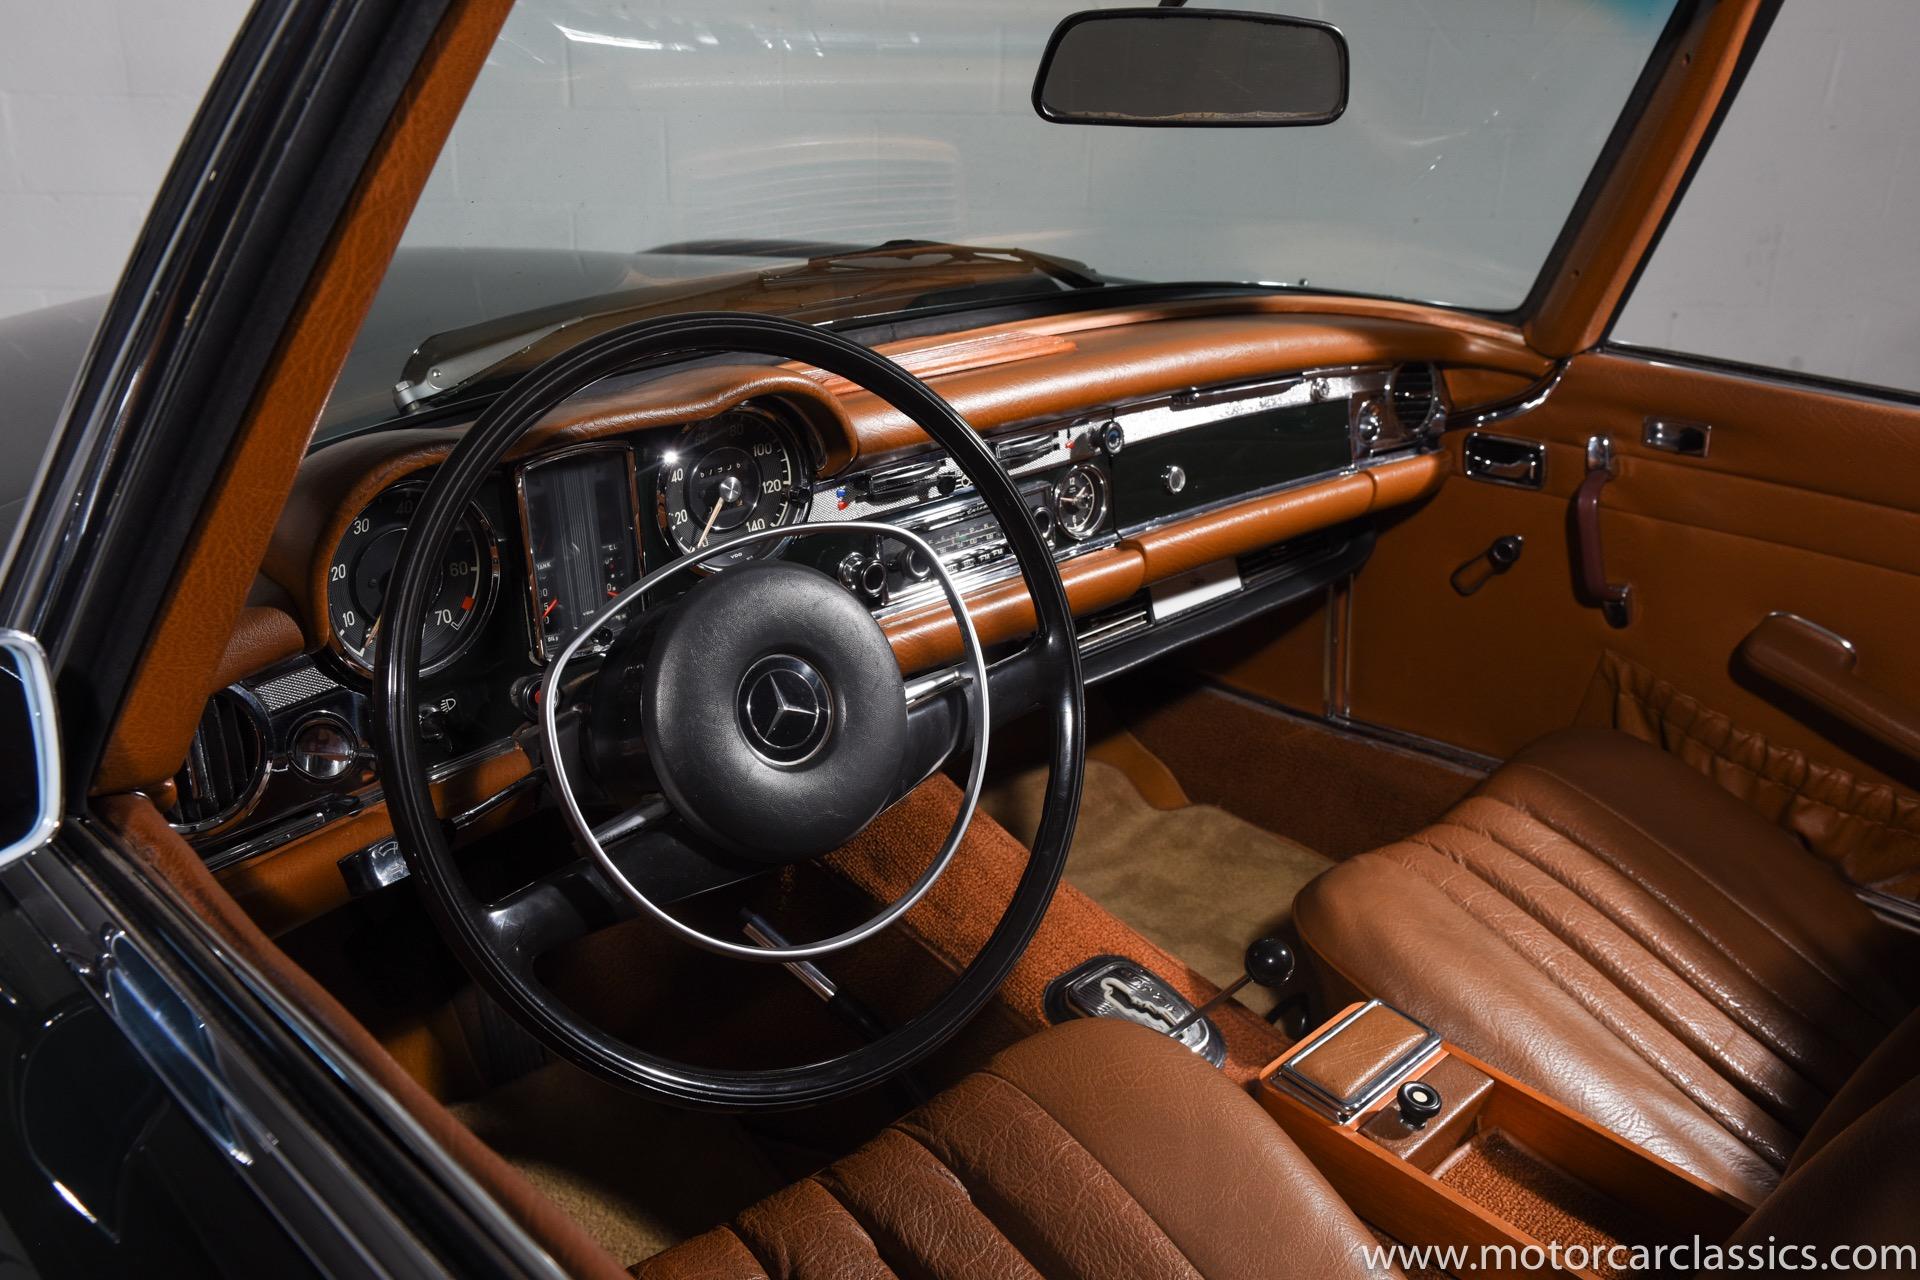 1971 Mercedes-Benz SL-CLASS 280SL